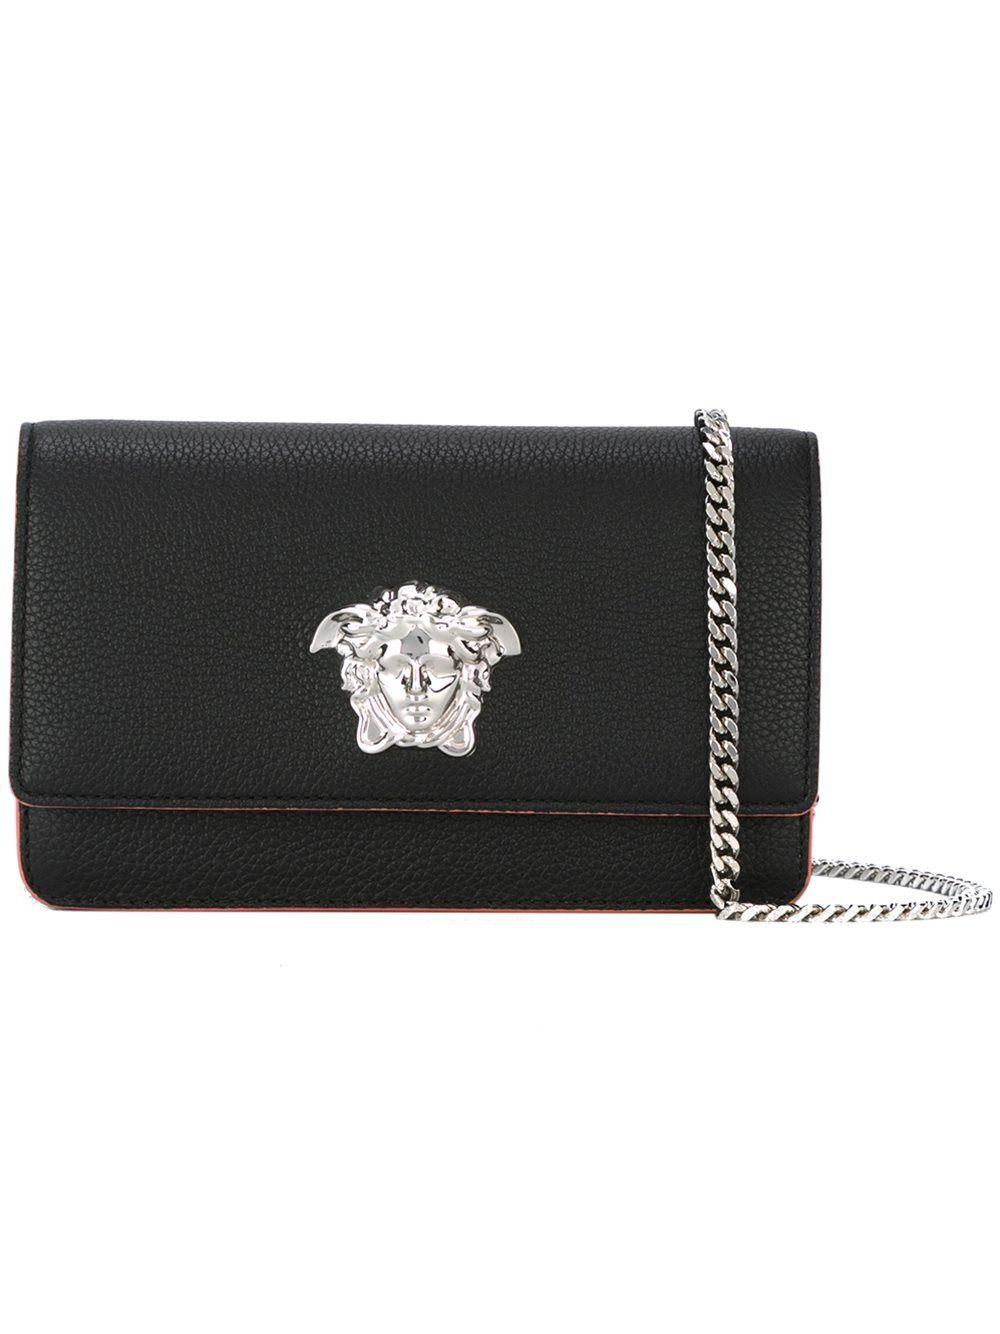 54a894a8804a Over The Shoulder Bags · Versace Bolsa de couro